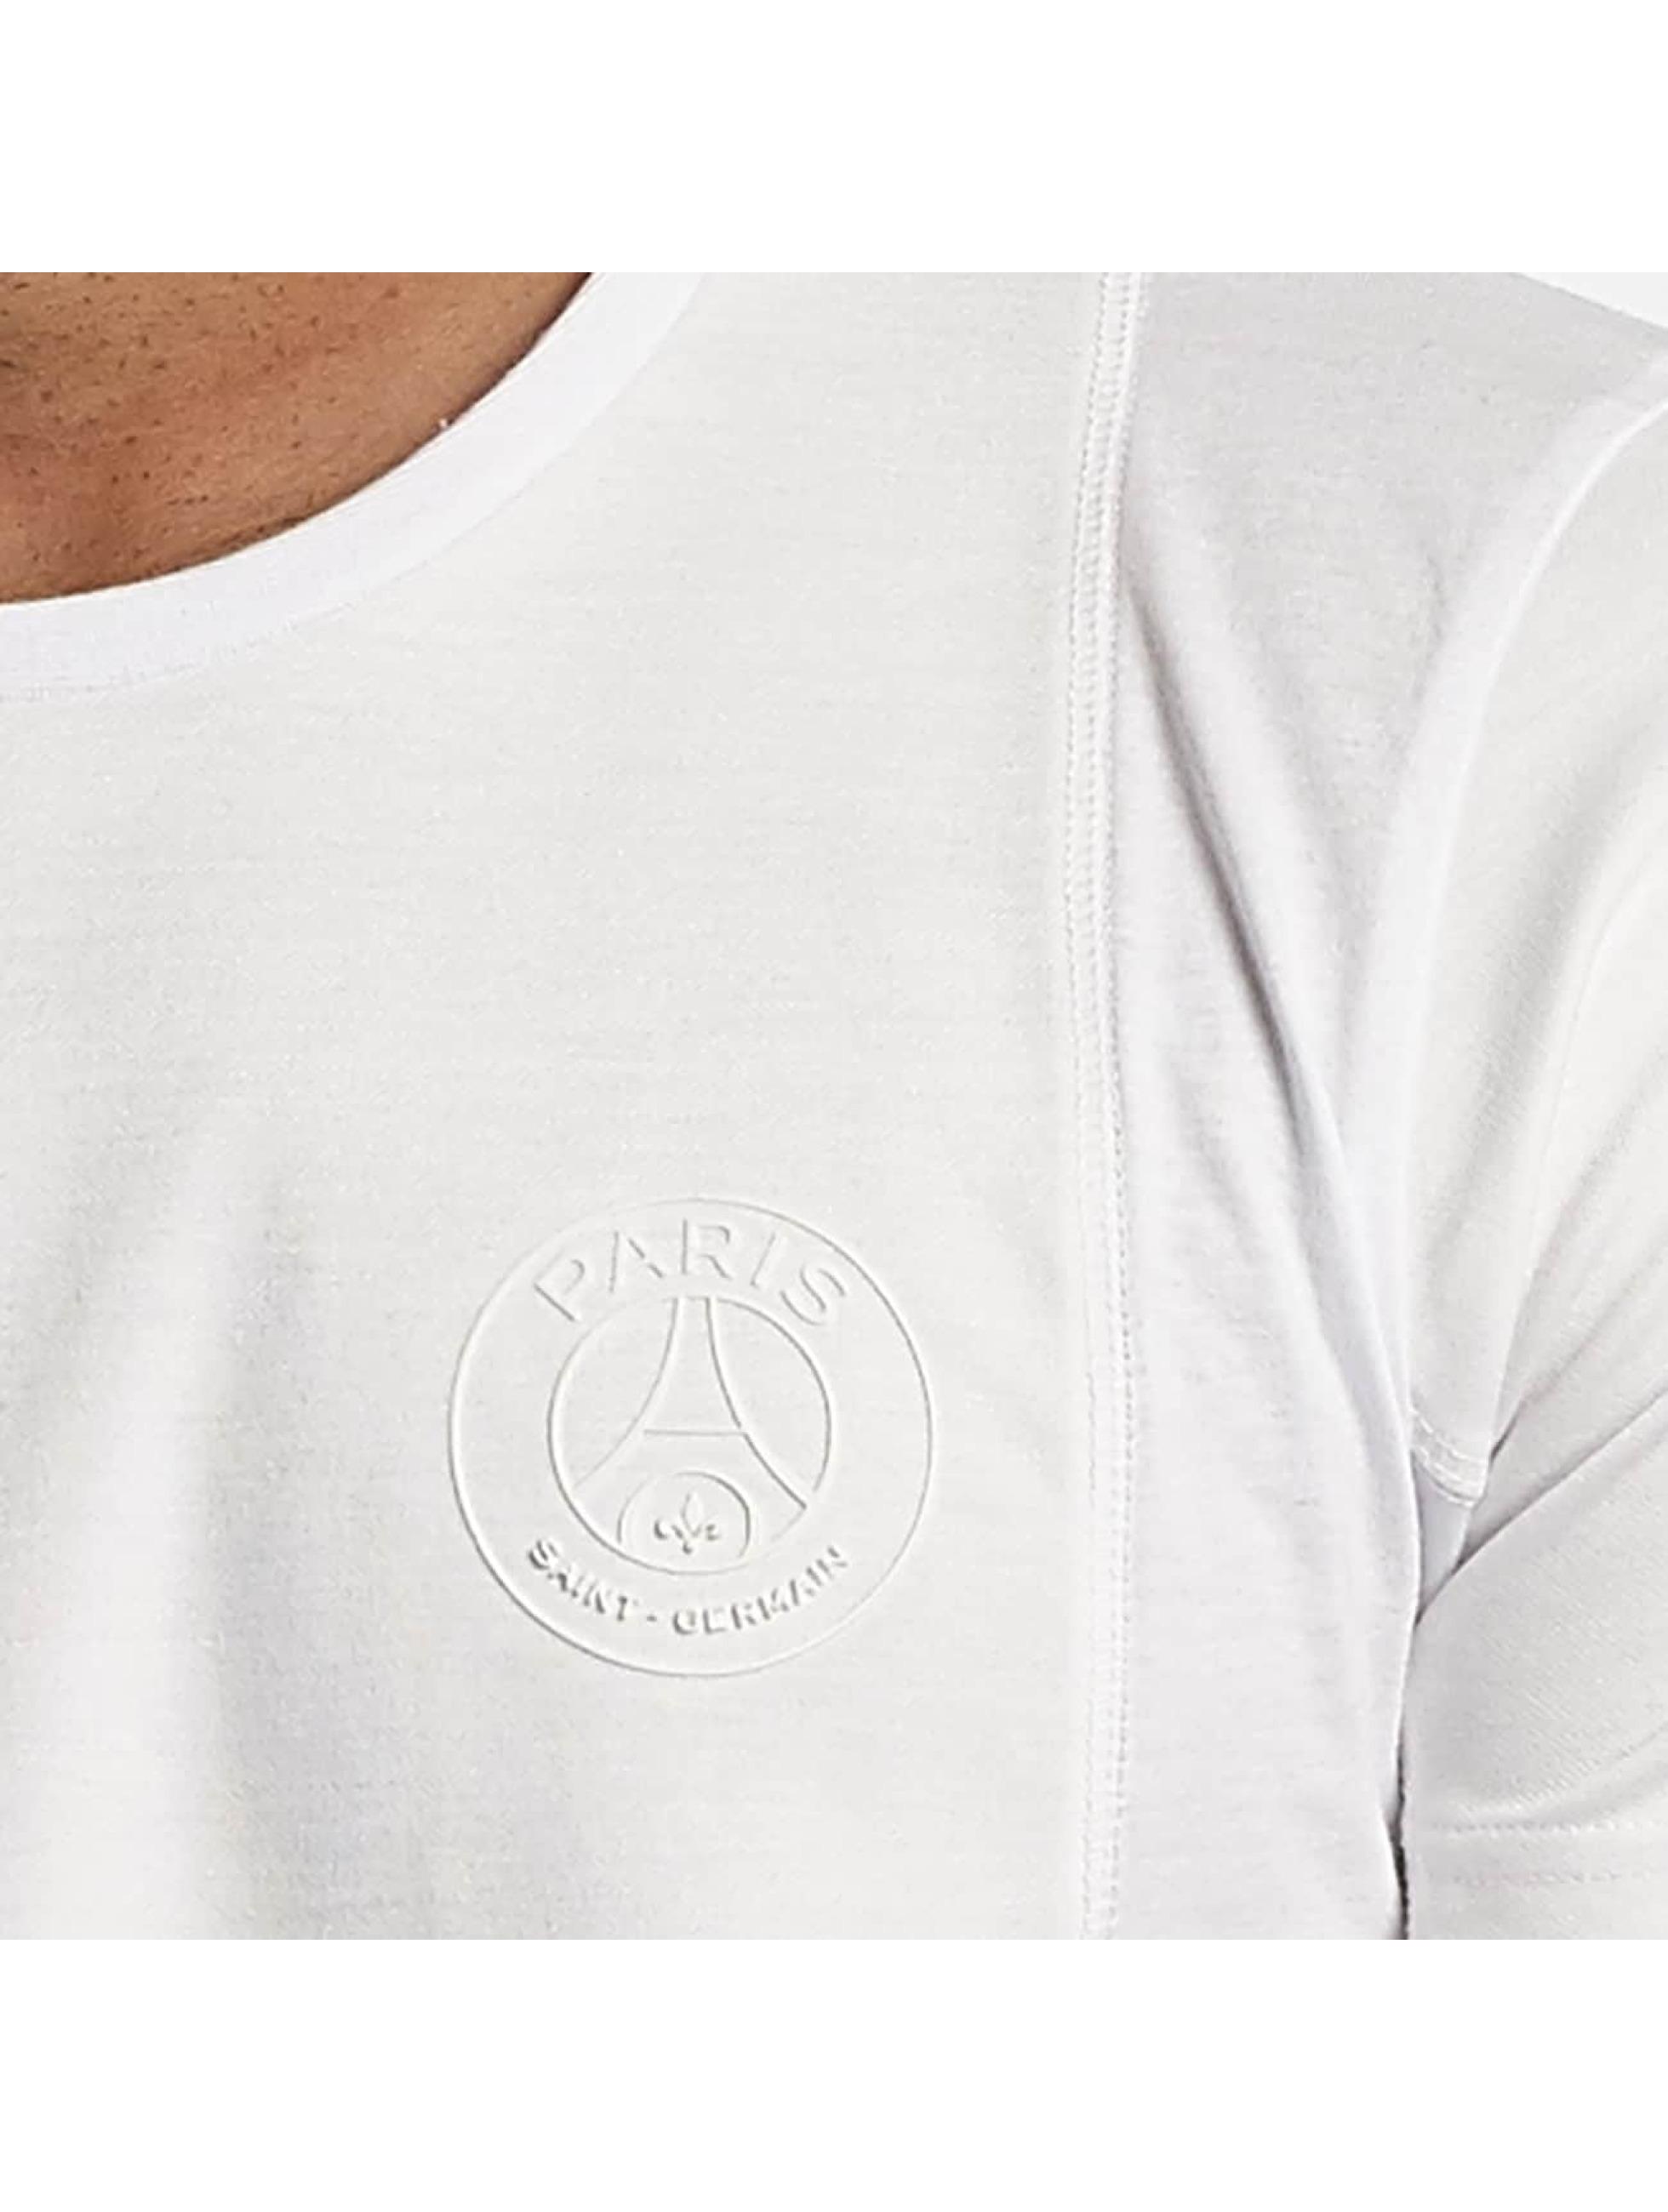 PSG by Dwen D. Corréa t-shirt Paris wit